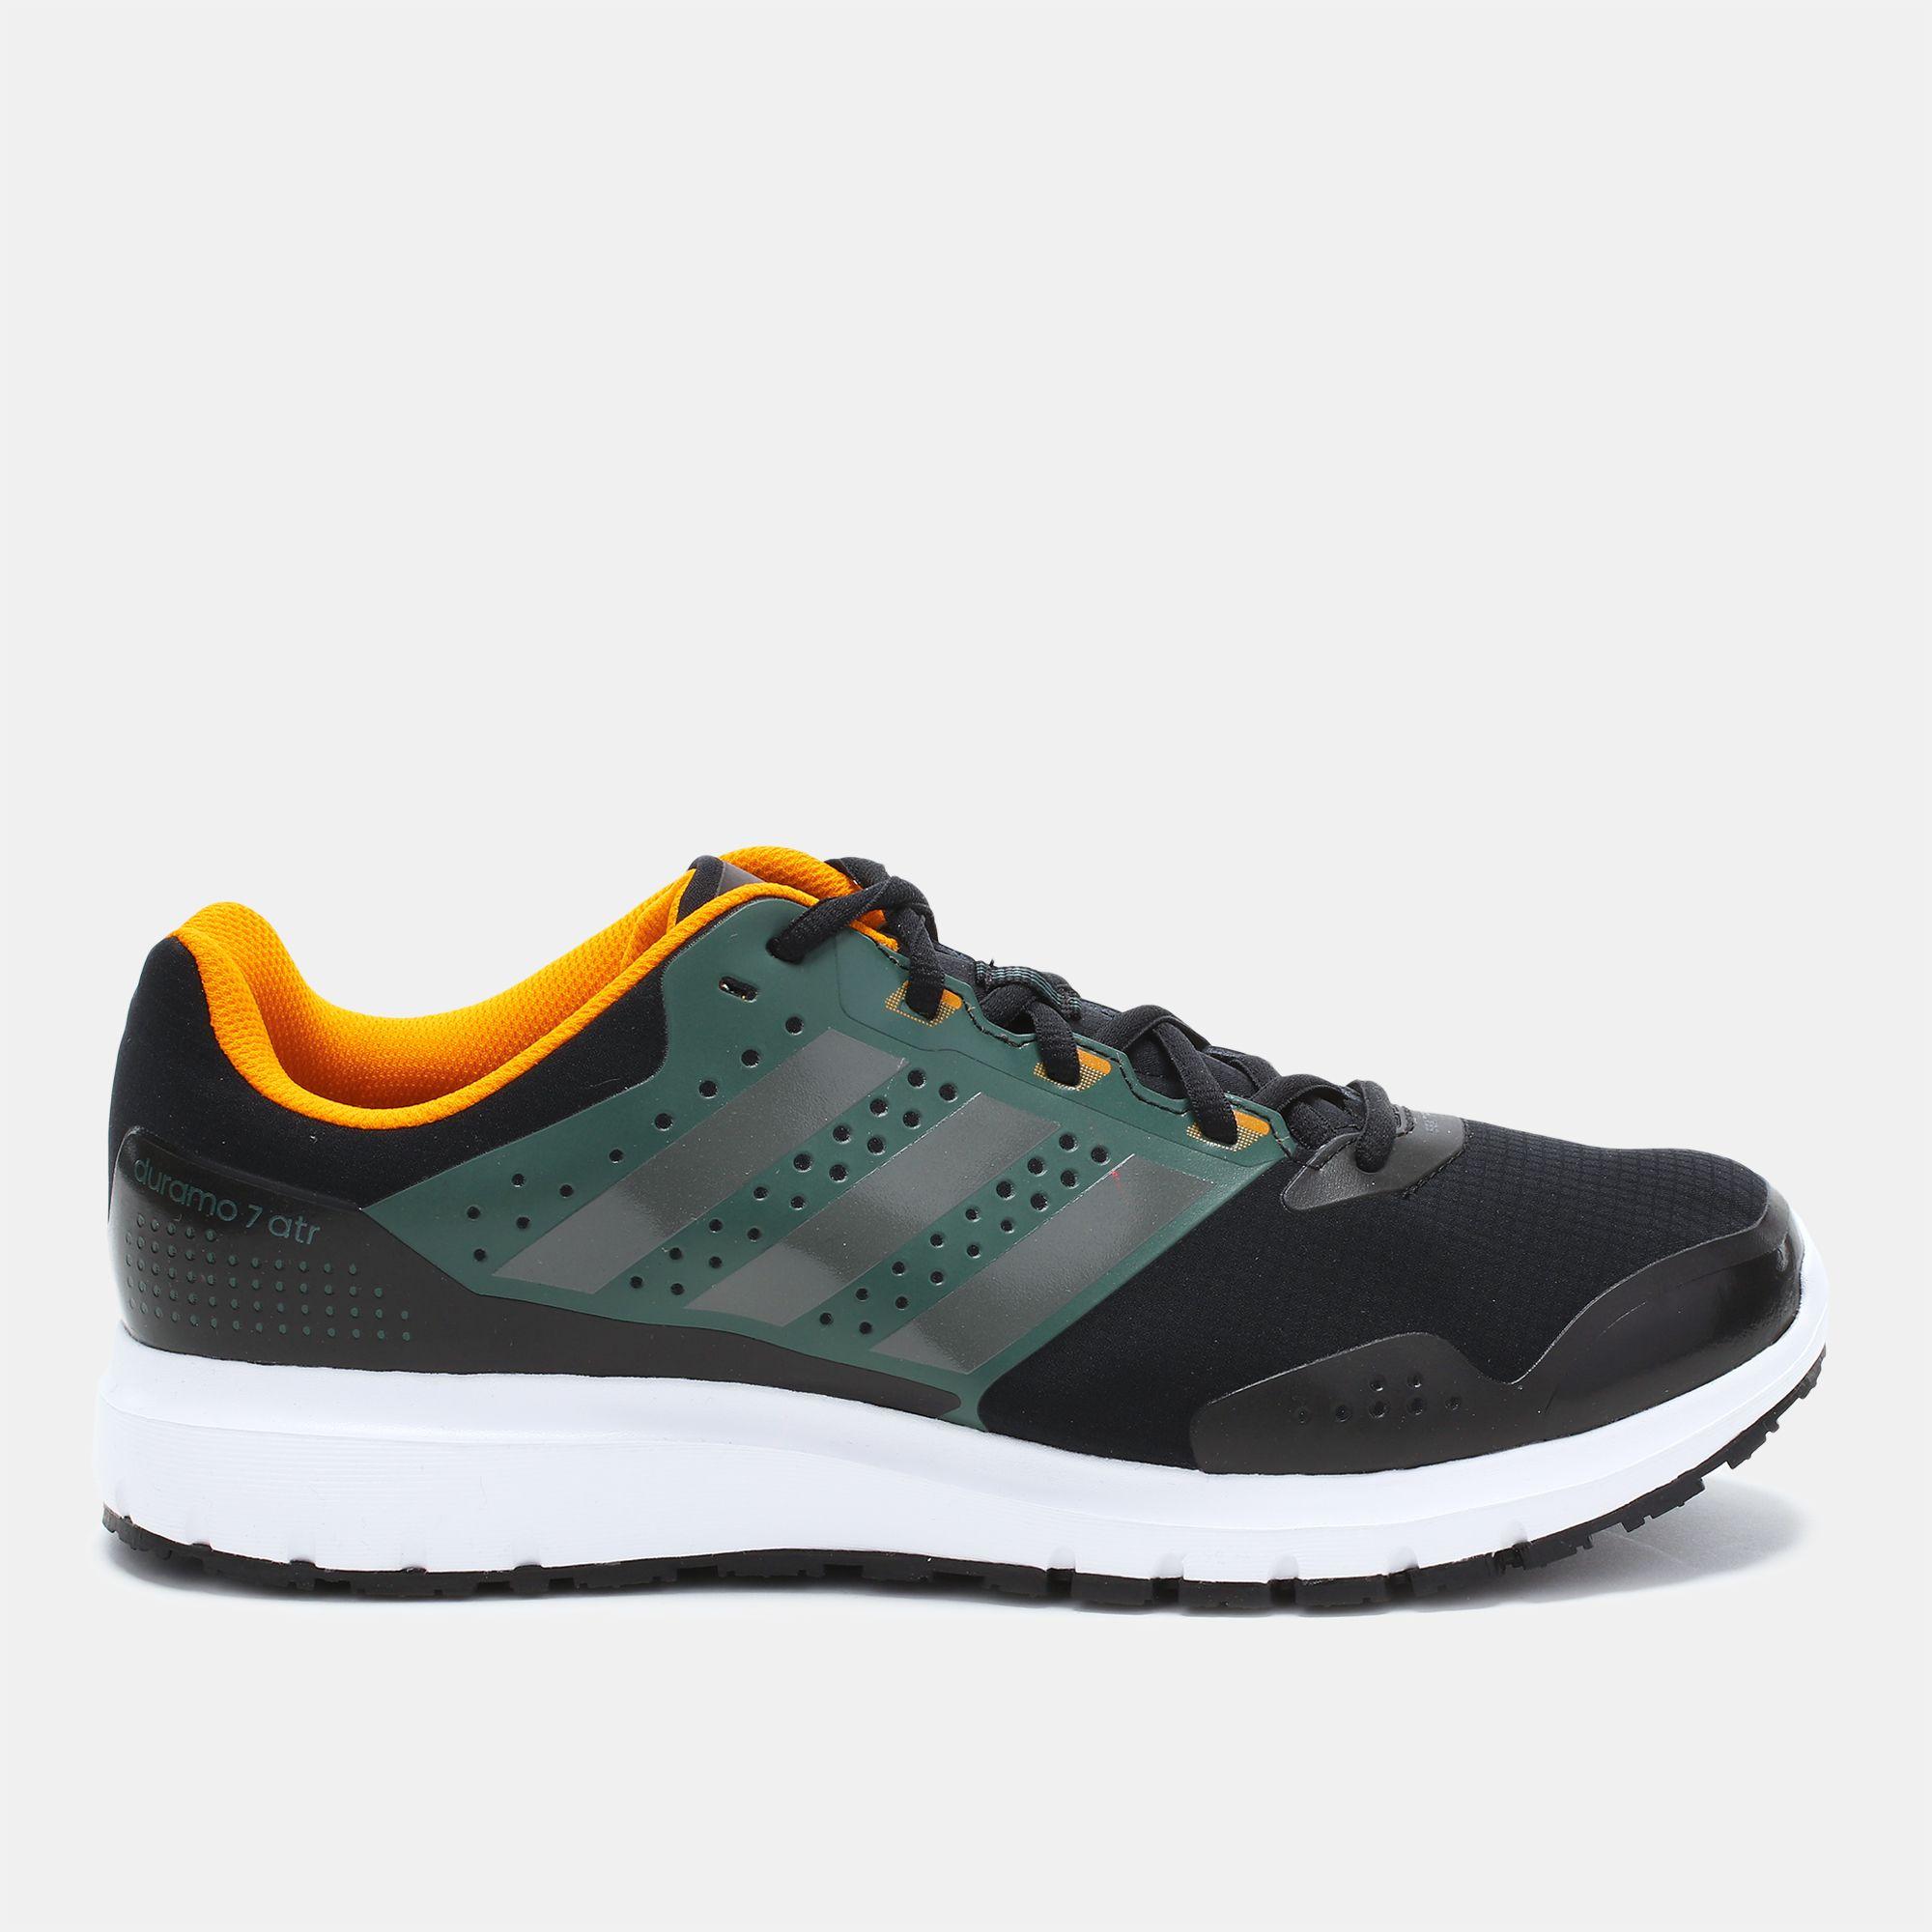 negozio nero adidas duramo 7 atr scarpa da corsa per gli uomini da adidas sss